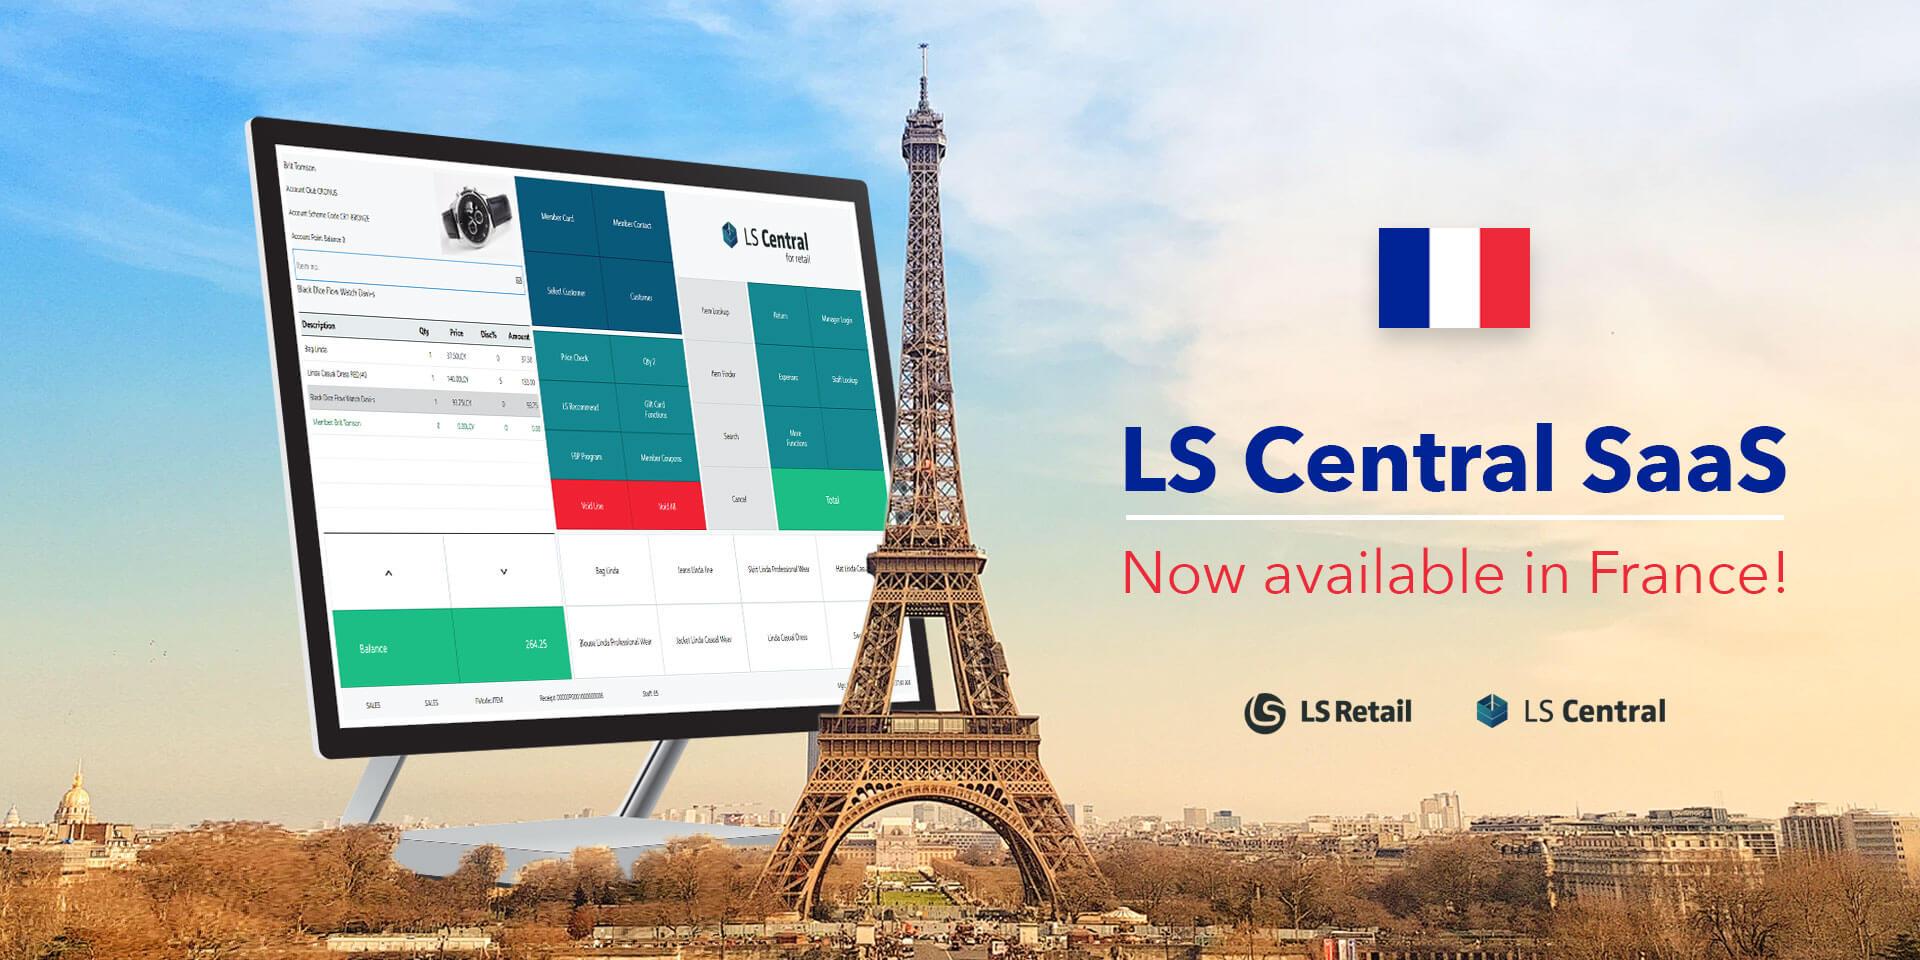 LS Central SaaS, logiciel de commerce unifié, est maintenant disponible en France